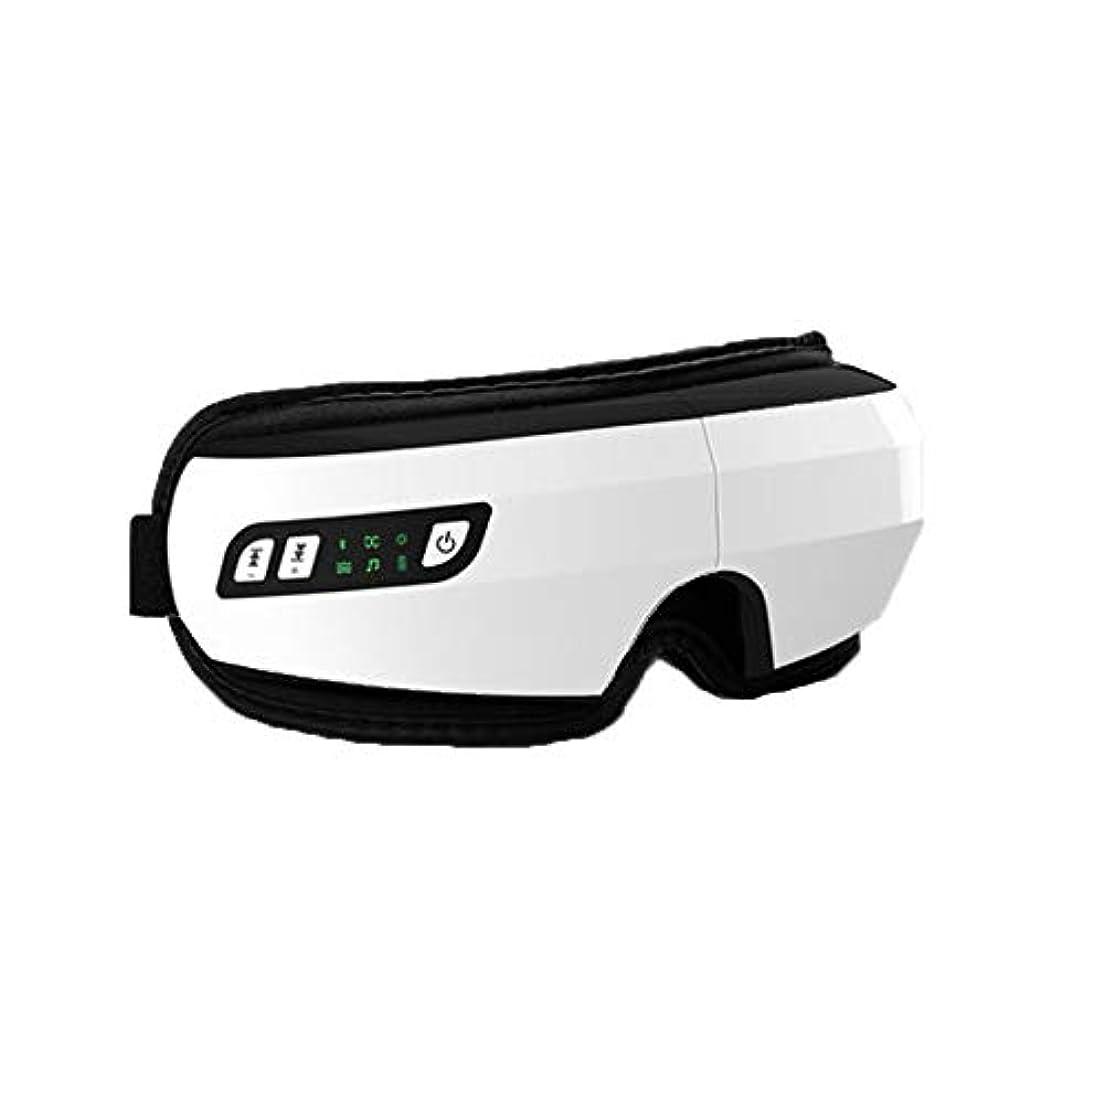 エスカレーターコミットメントフルーツマッサージャー - 熱い湿布は近視の黒い目の声の振動目の保護の器械を取り除きます (色 : 白)